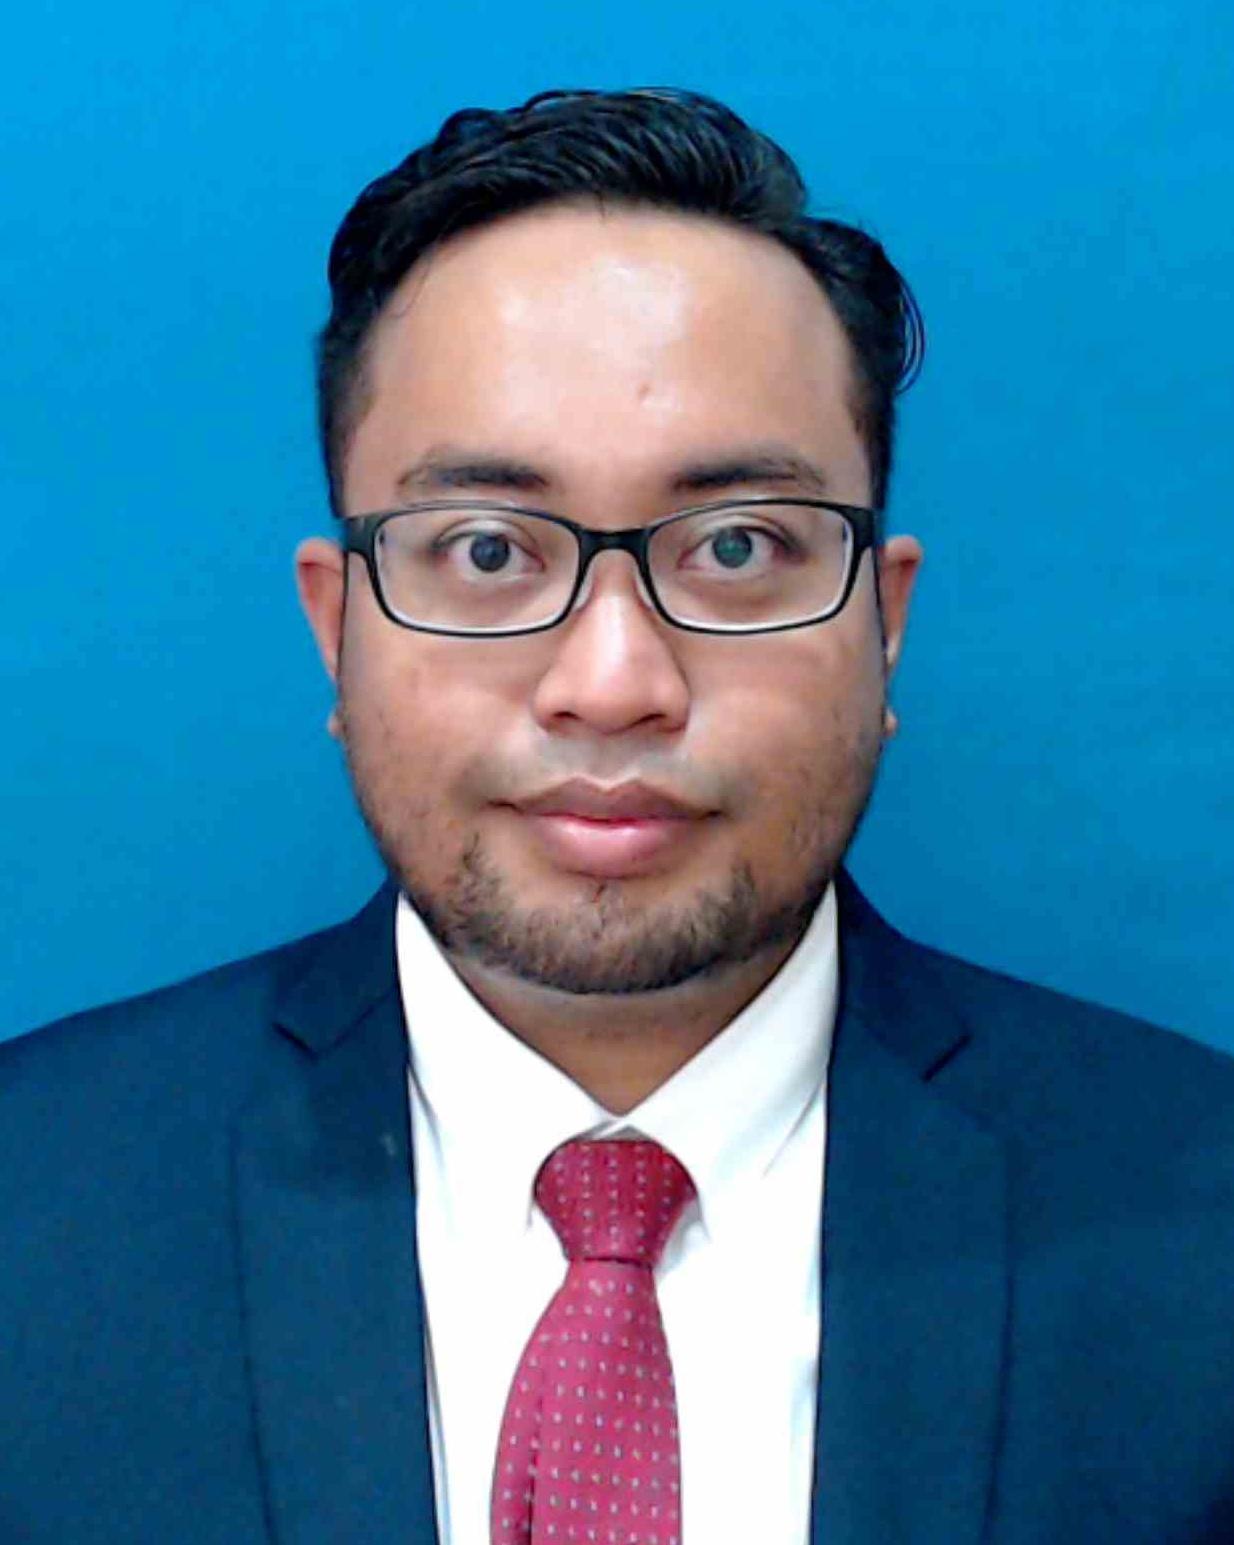 Ahmad Badruddin Bin Ghazali